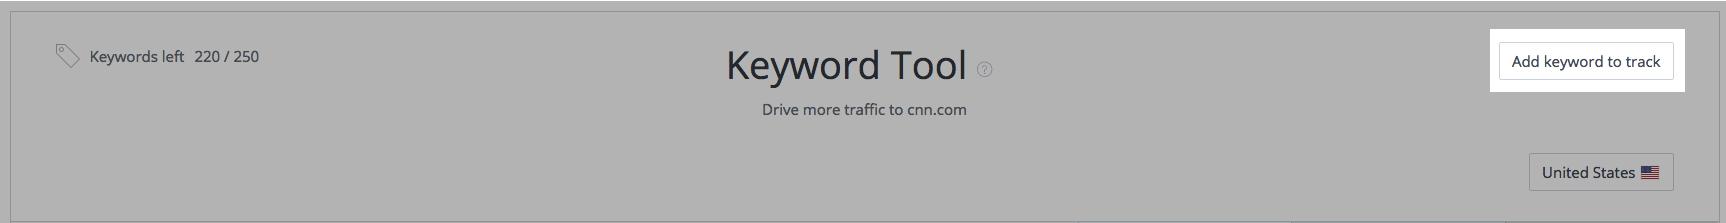 Keyword Tool - Add Keywords